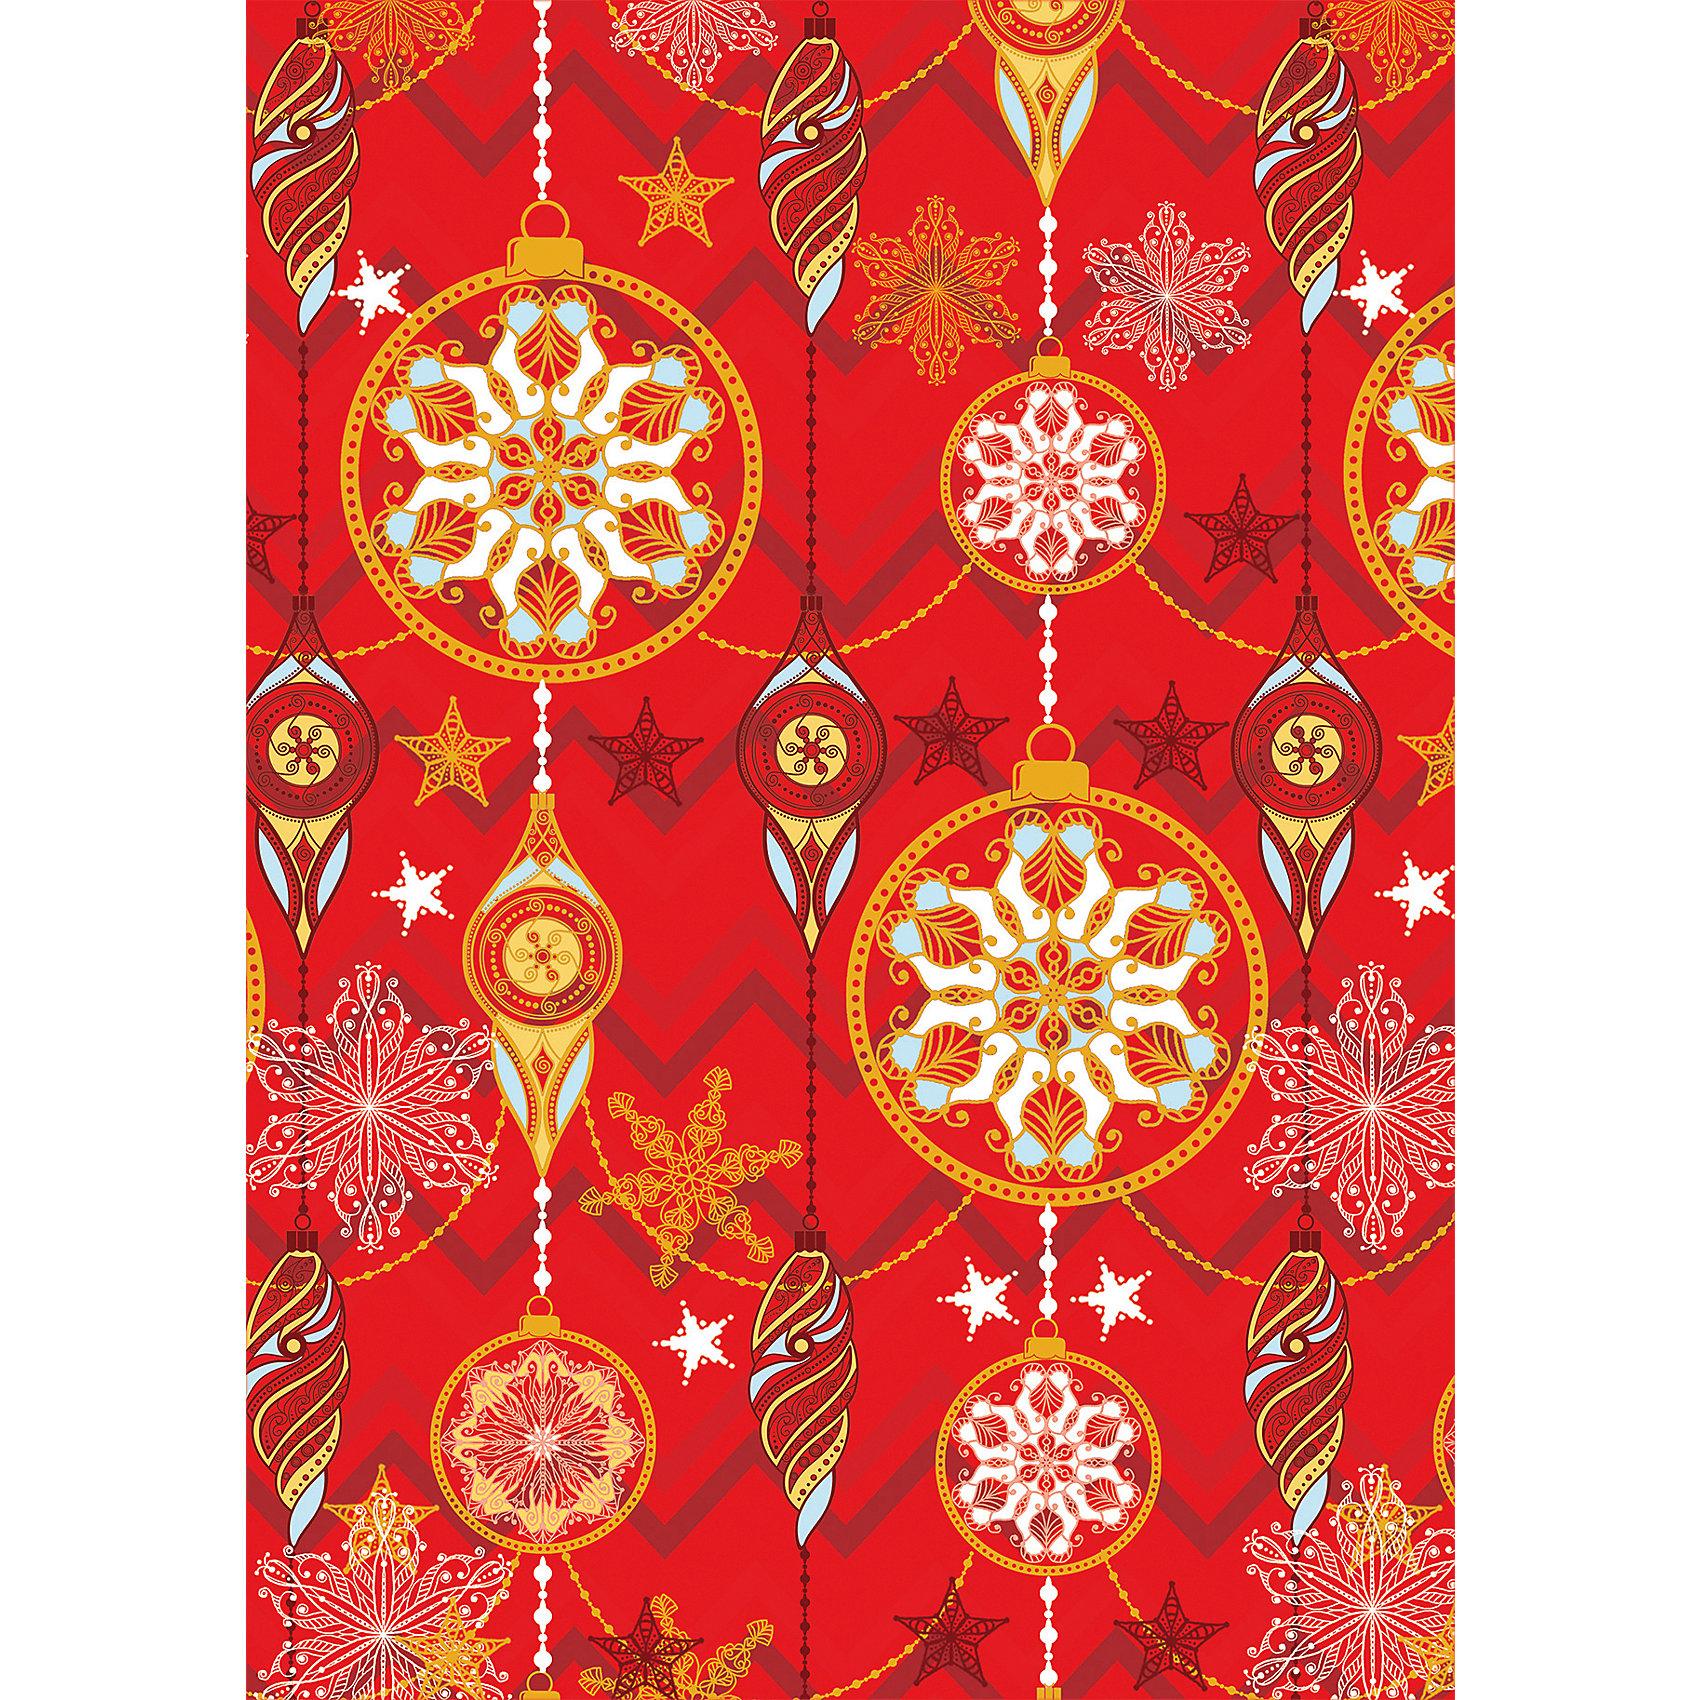 Упаковочная бумага Красное и золотое 100*70 смПредновогодние хлопоты многие любят даже больше самого праздника!  Праздничное настроение создает украшенный дом, наряженная ёлка, запах мандаринов, предновогодняя суета и, конечно же, подарки! Чтобы сделать момент вручения приятнее, нужна красивая упаковочная бумага.<br>Эта бумага украшена симпатичным универсальным рисунком, поэтому в неё можно упаковать подарок и родственнику, и коллеге. Она сделана из безопасного для детей, прочного, но легкого, материала. Создайте с ней праздничное настроение себе и близким!<br><br>Дополнительная информация:<br><br>плотность: 80 г/м2;<br>размер: 100 х 70 см;<br>в рулоне;<br>украшена рисунком.<br><br>Упаковочную бумагу Красное и золотое 100*70 см можно купить в нашем магазине.<br><br>Ширина мм: 100<br>Глубина мм: 100<br>Высота мм: 60<br>Вес г: 370<br>Возраст от месяцев: 36<br>Возраст до месяцев: 2147483647<br>Пол: Унисекс<br>Возраст: Детский<br>SKU: 4981386